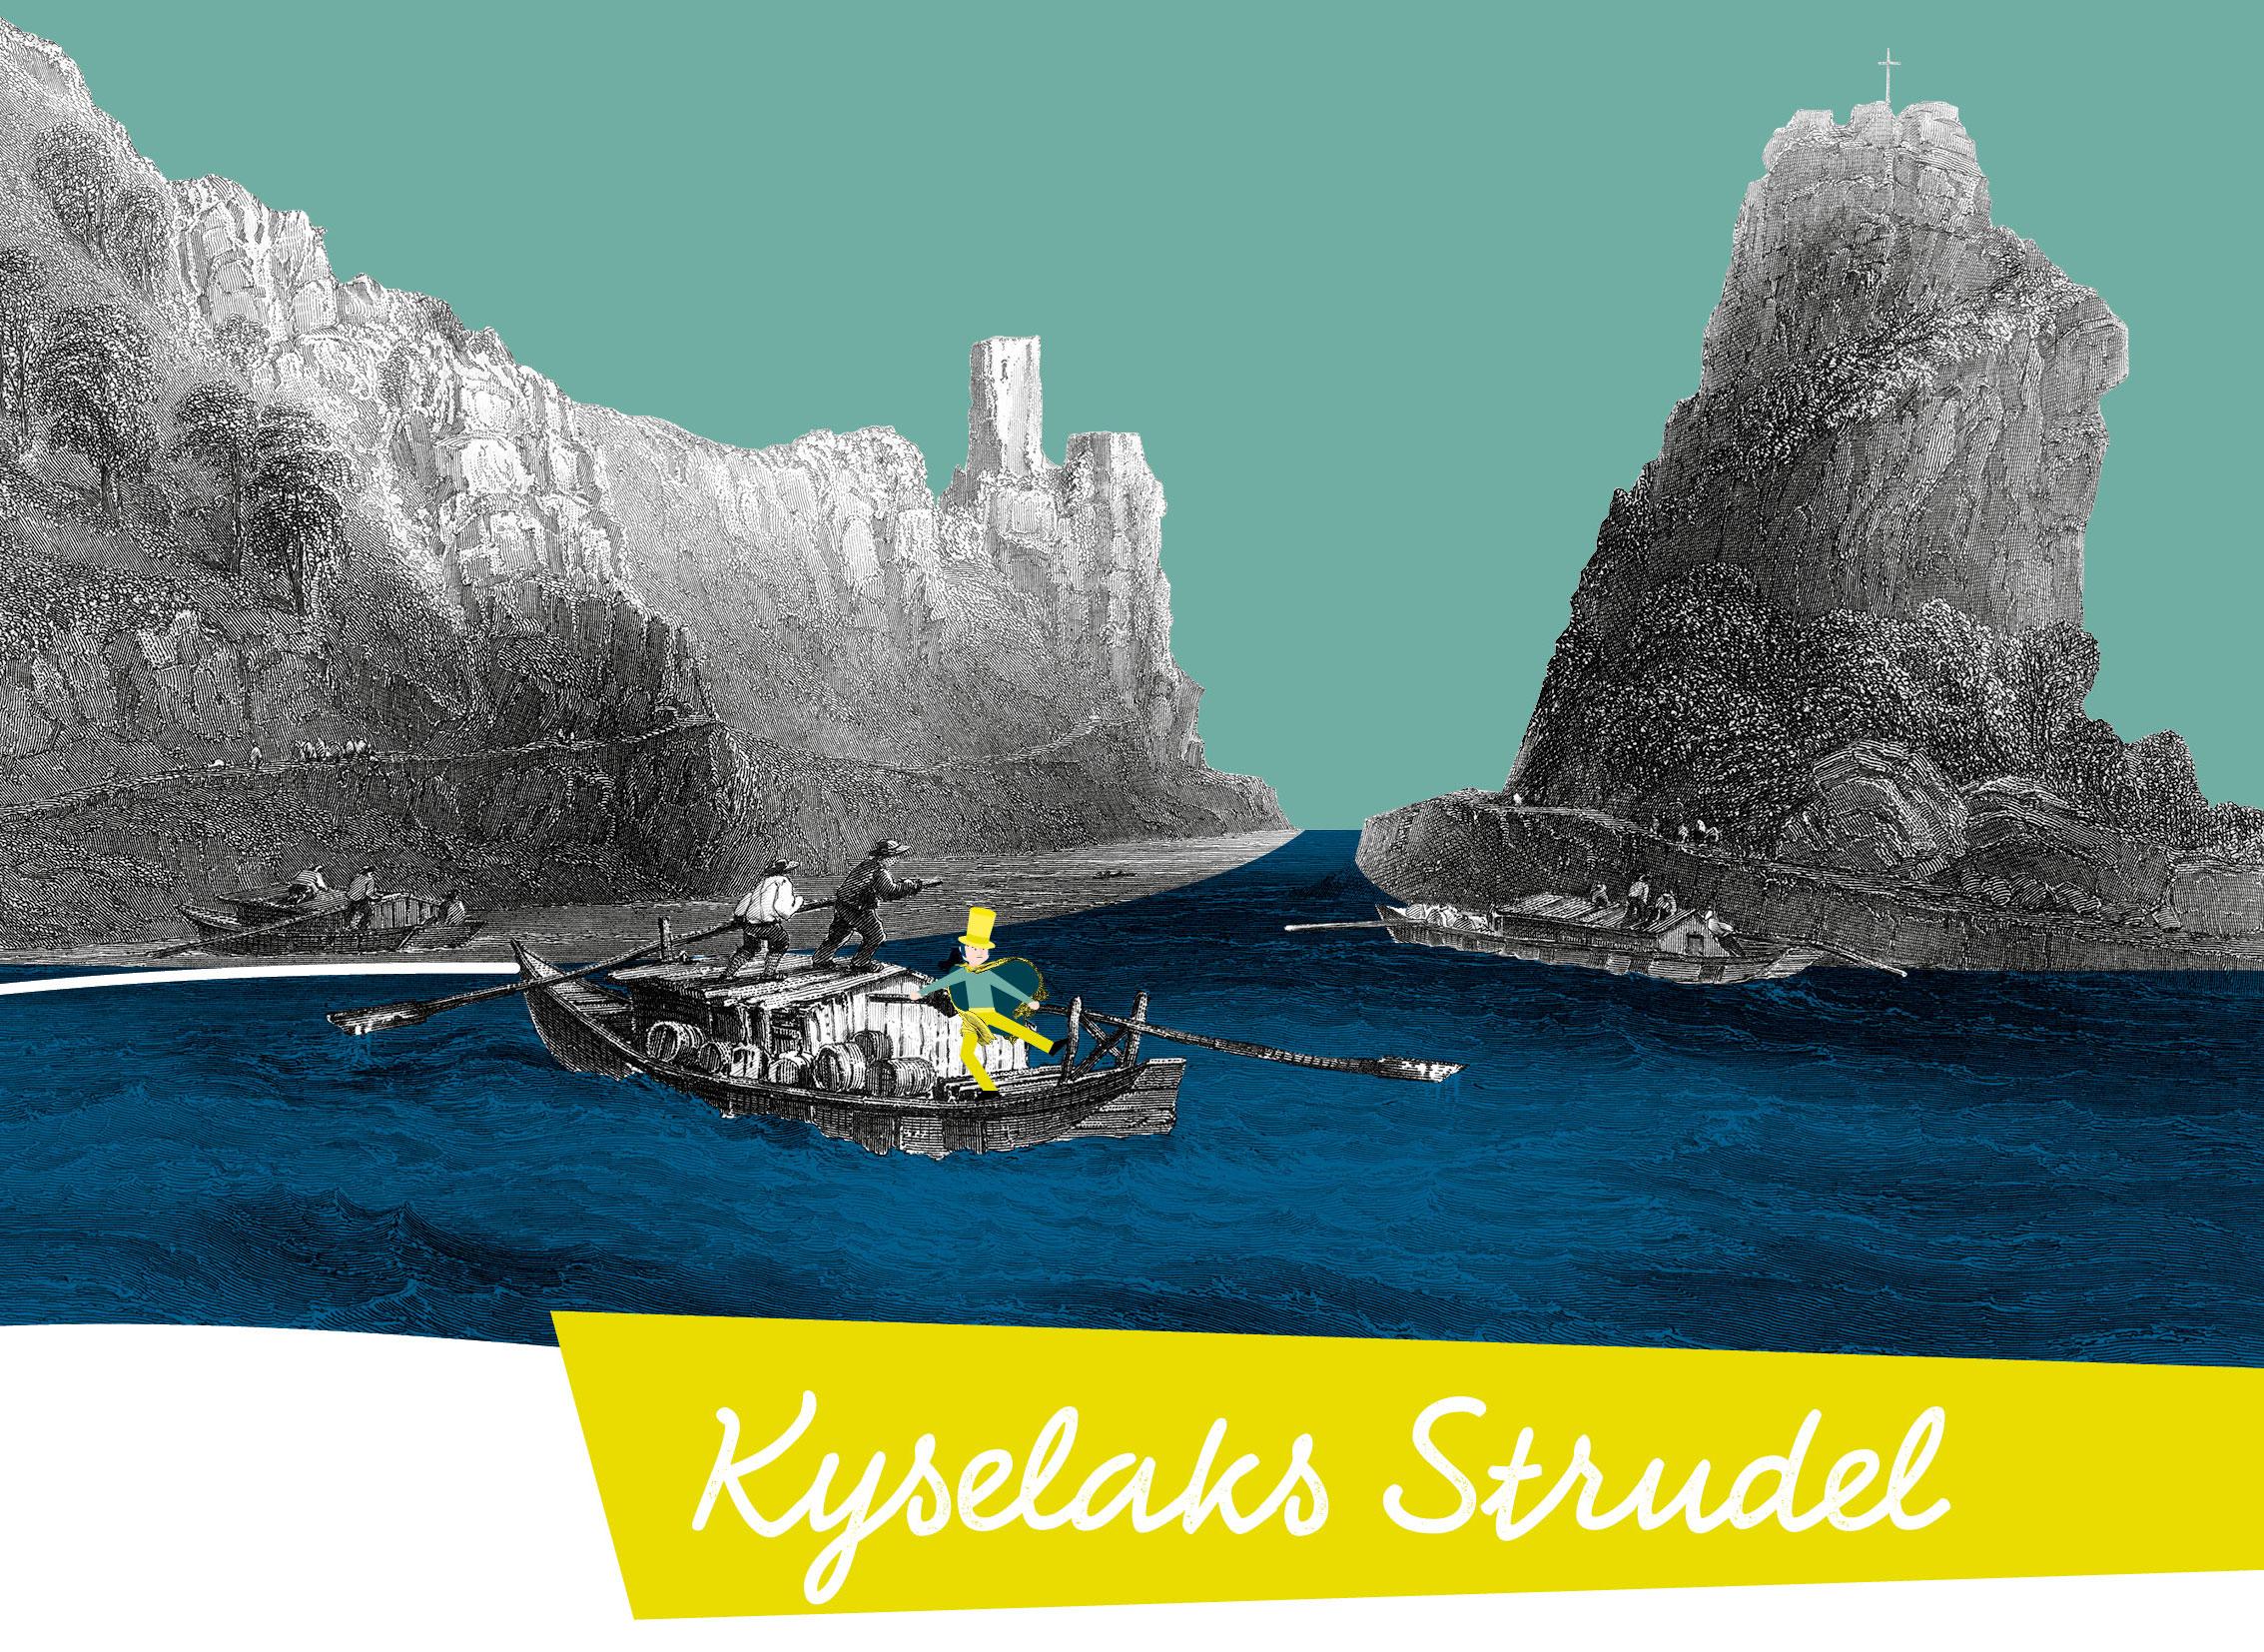 KYSELAKS Strudel – eine von 8 neuen DONAU-Geschichten